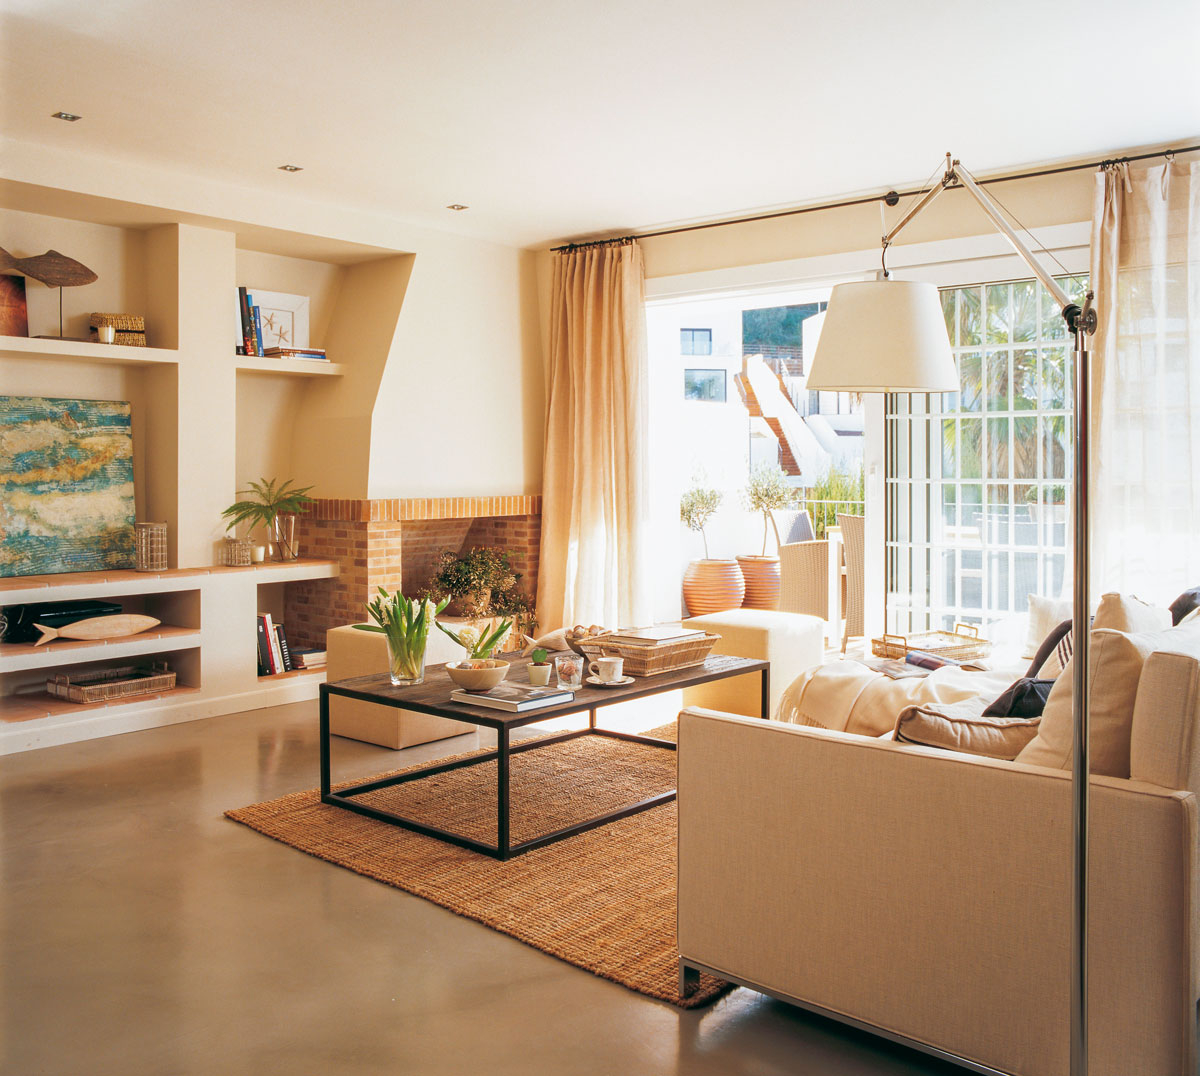 El Mueble Decoracion Gdd0 30 Ideas De Decoracià N Para El Salà N